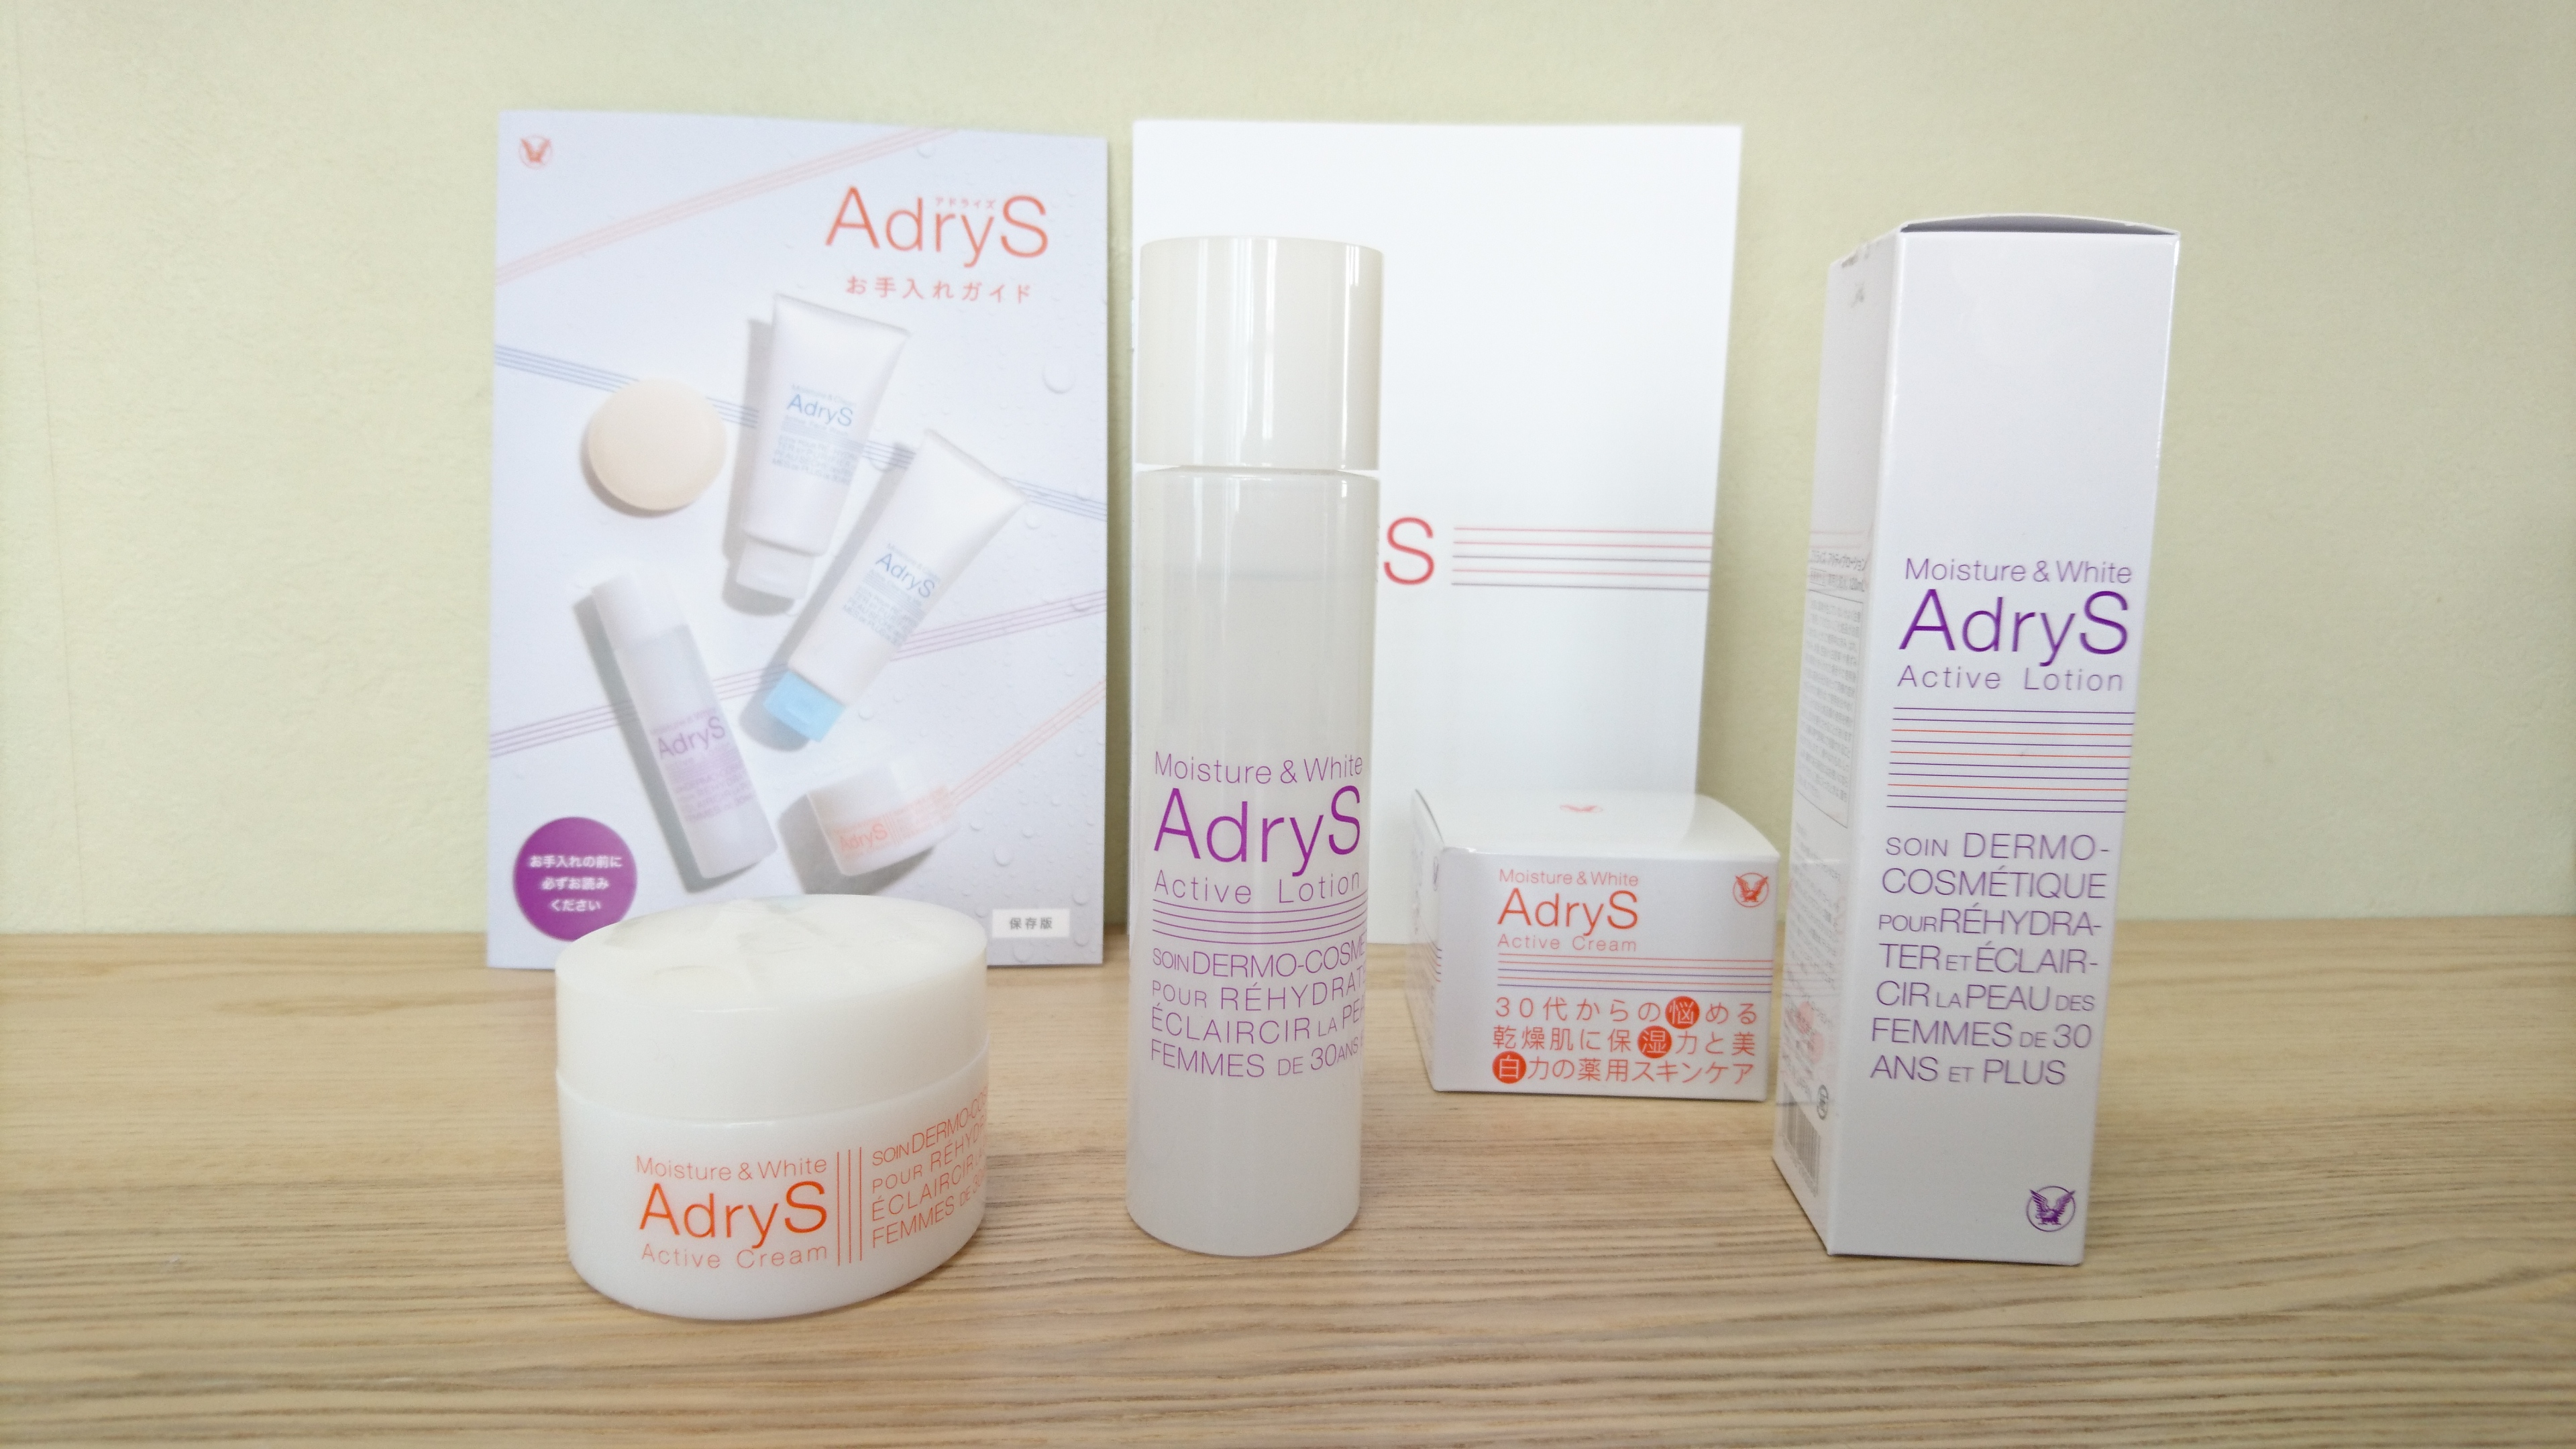 大正製薬アドライズ(AdryS)の化粧水とクリームとパンフレット